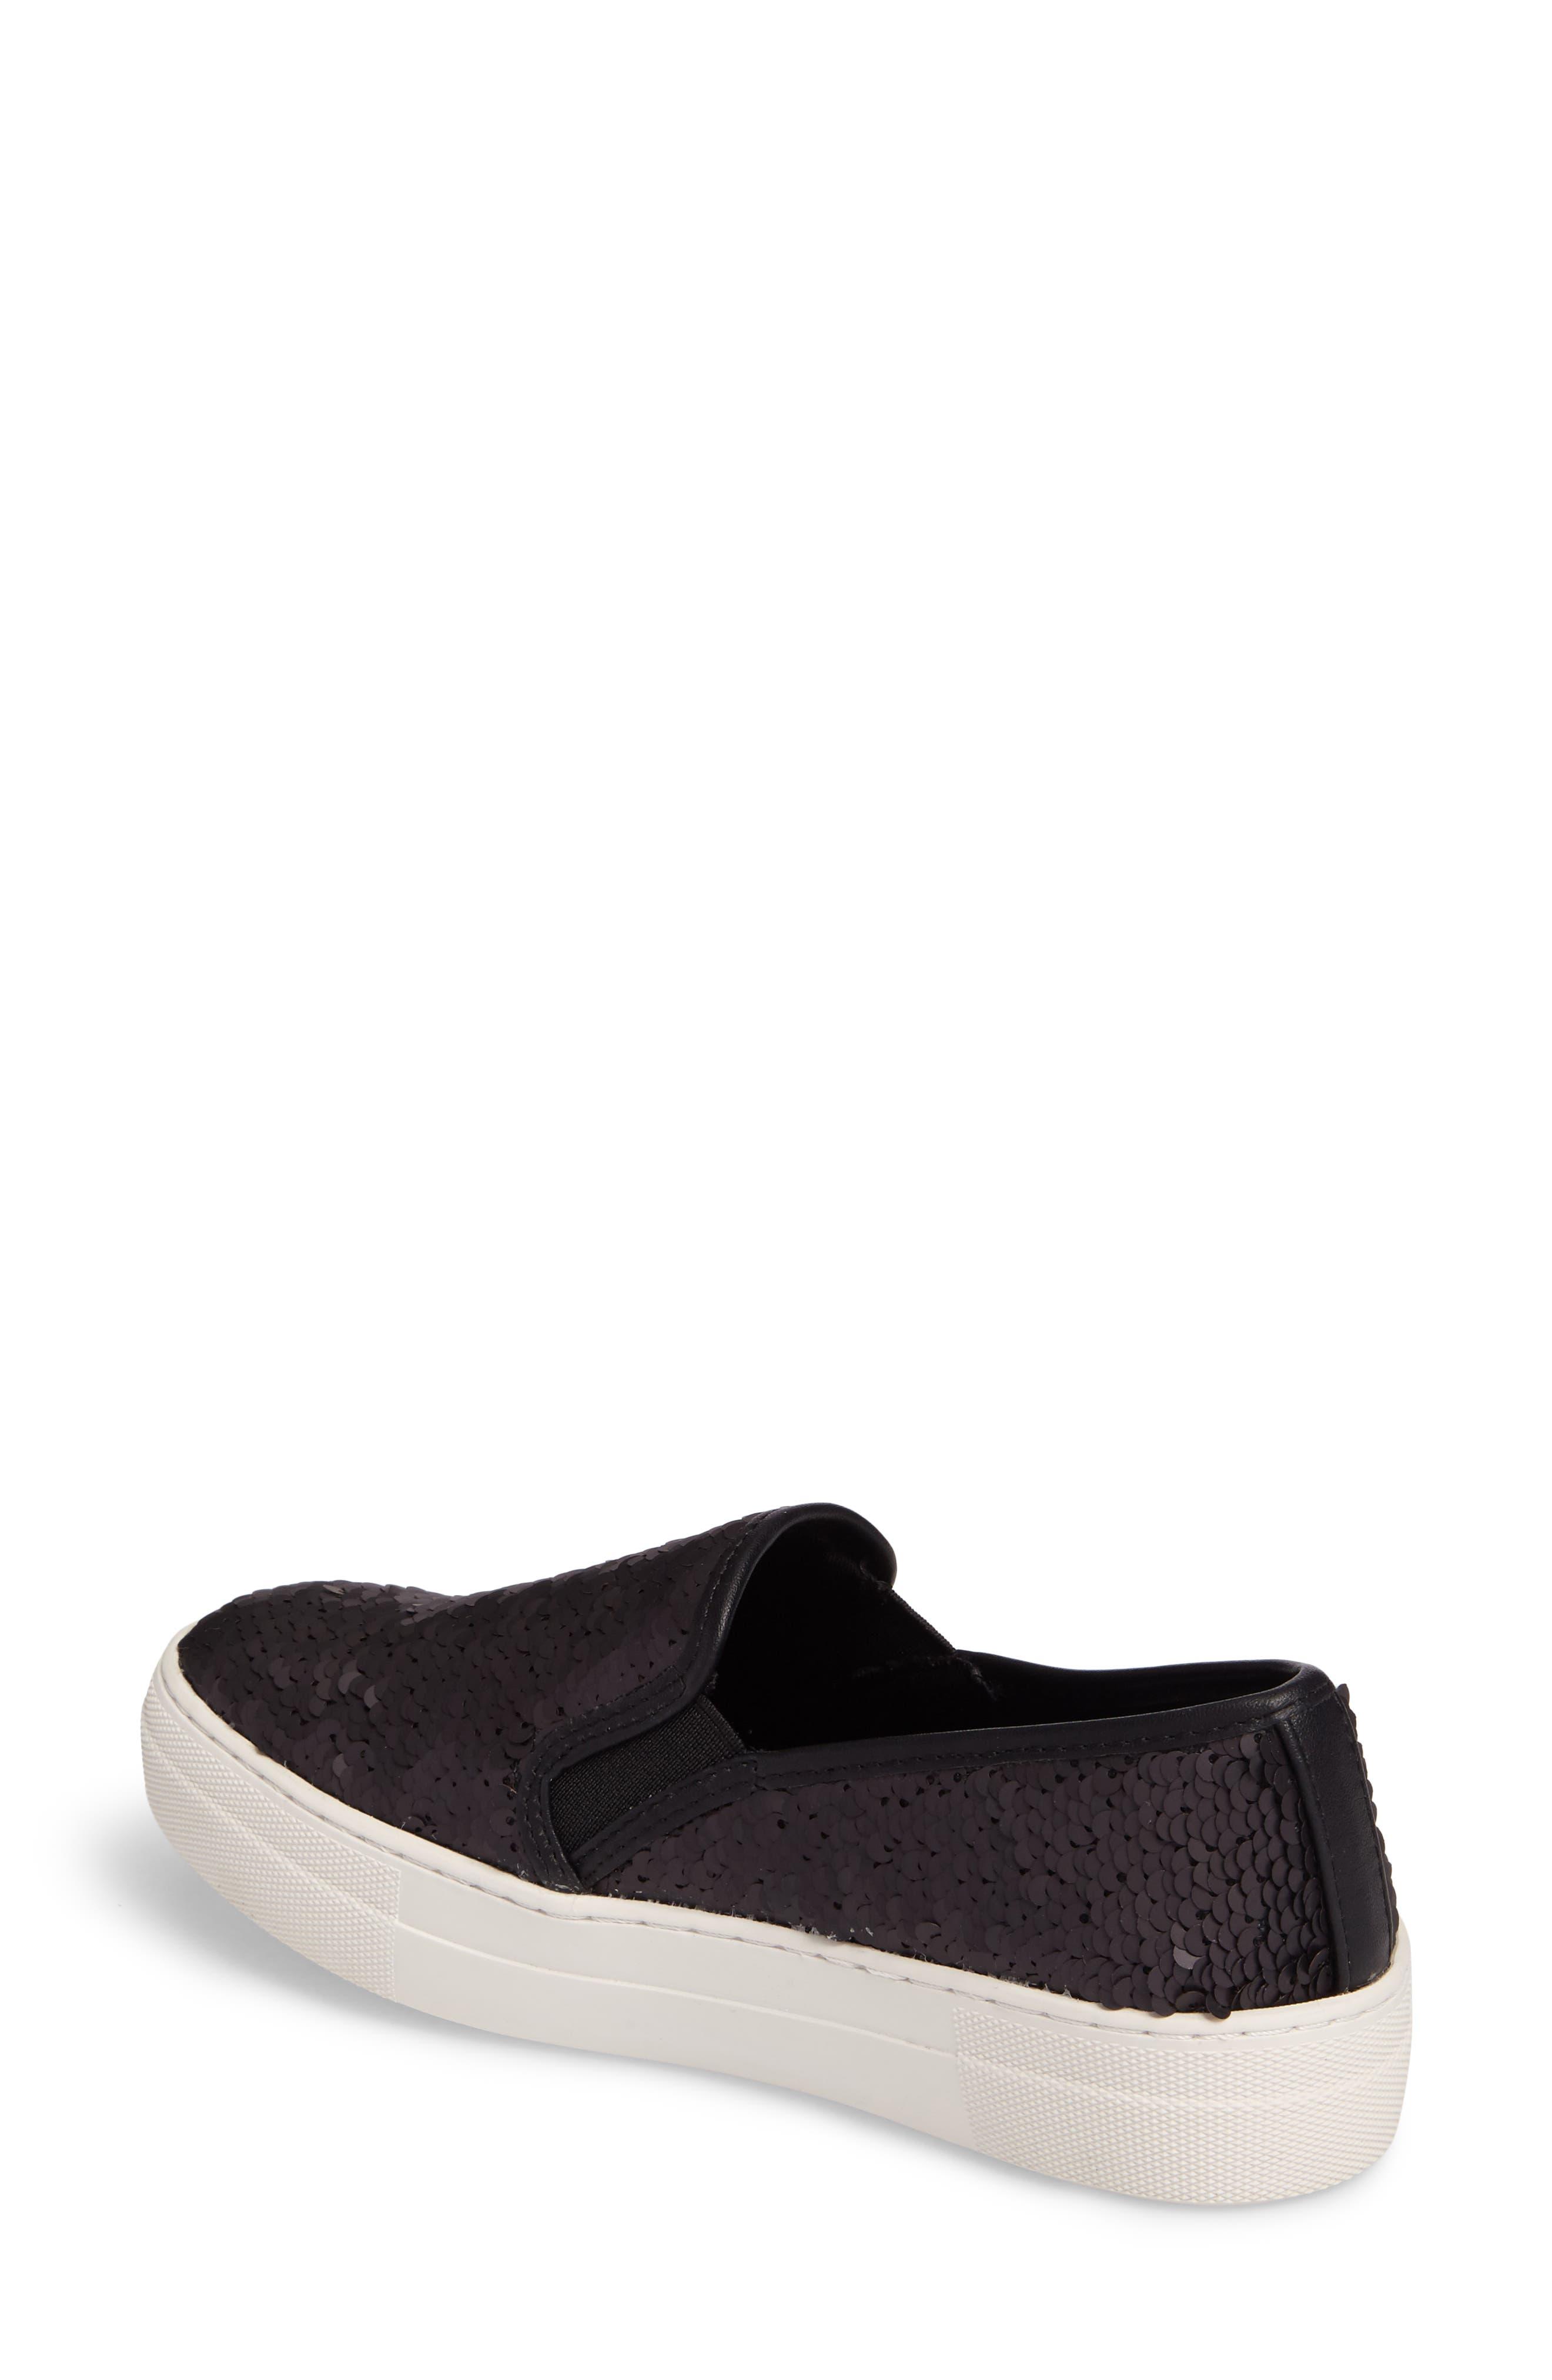 Gills Sequined Slip-On Platform Sneaker,                             Alternate thumbnail 3, color,